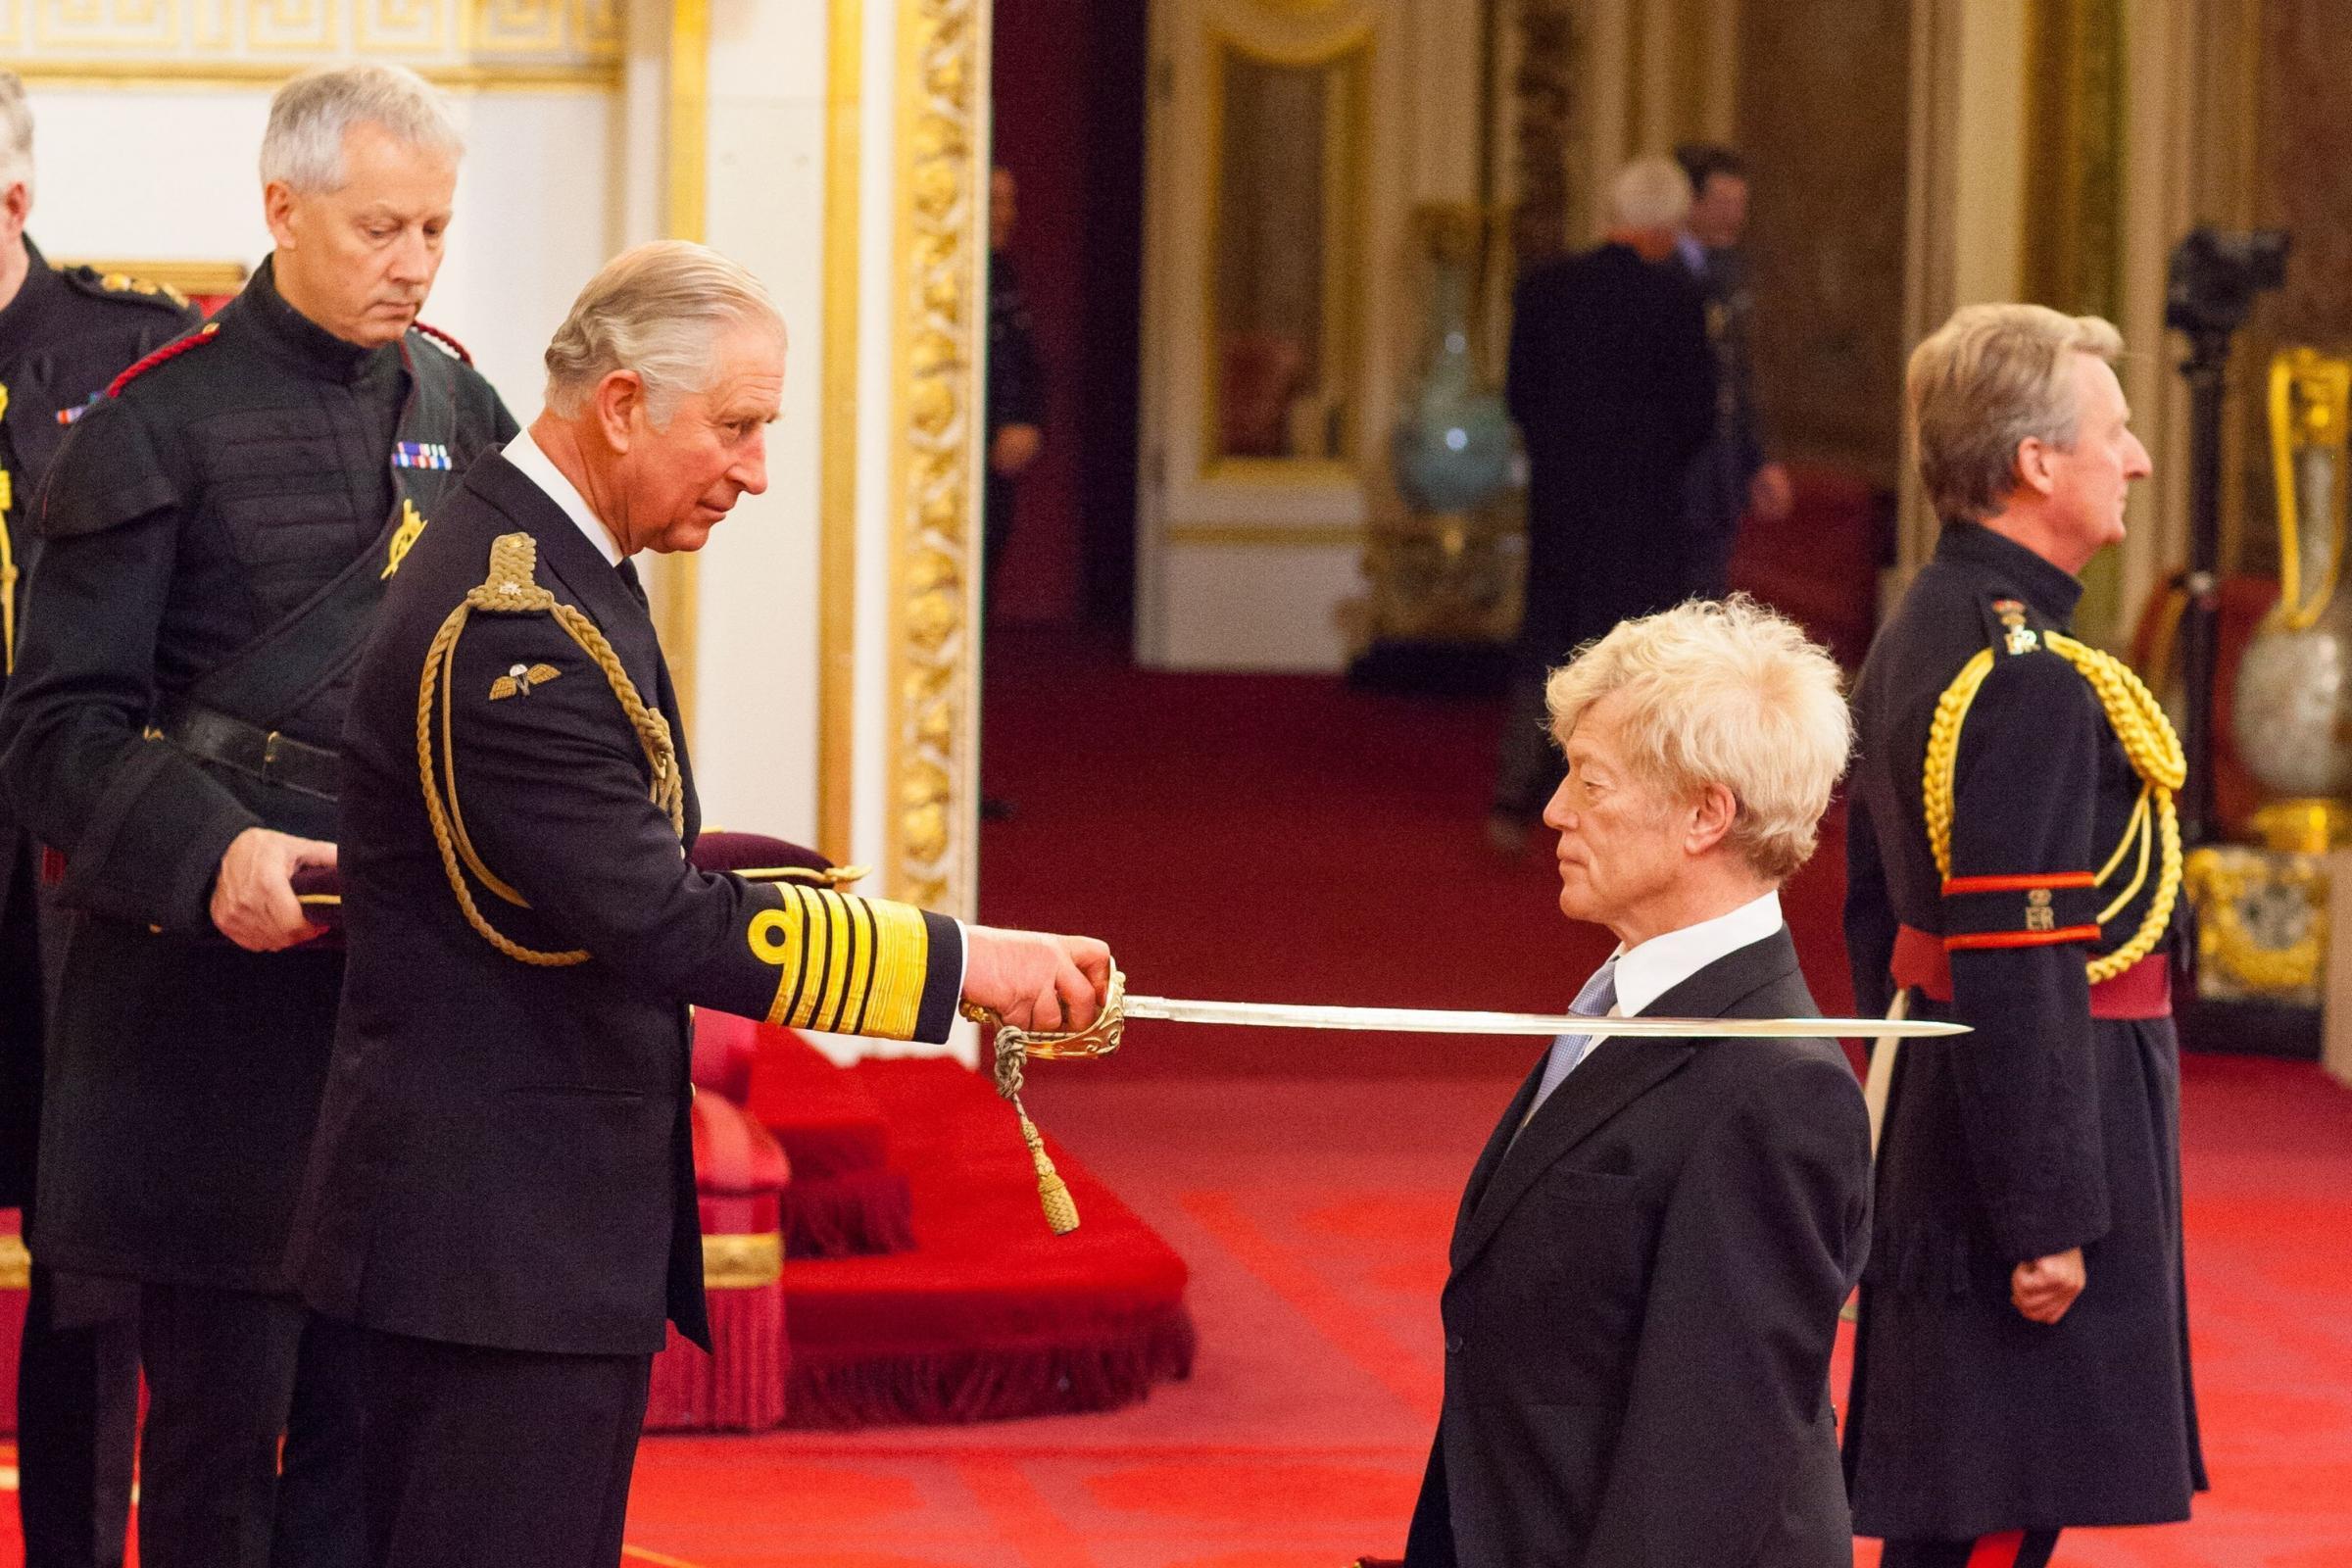 Инвеститура Роџера Скрутона у Бакингемској палати (Фото: Press Association)